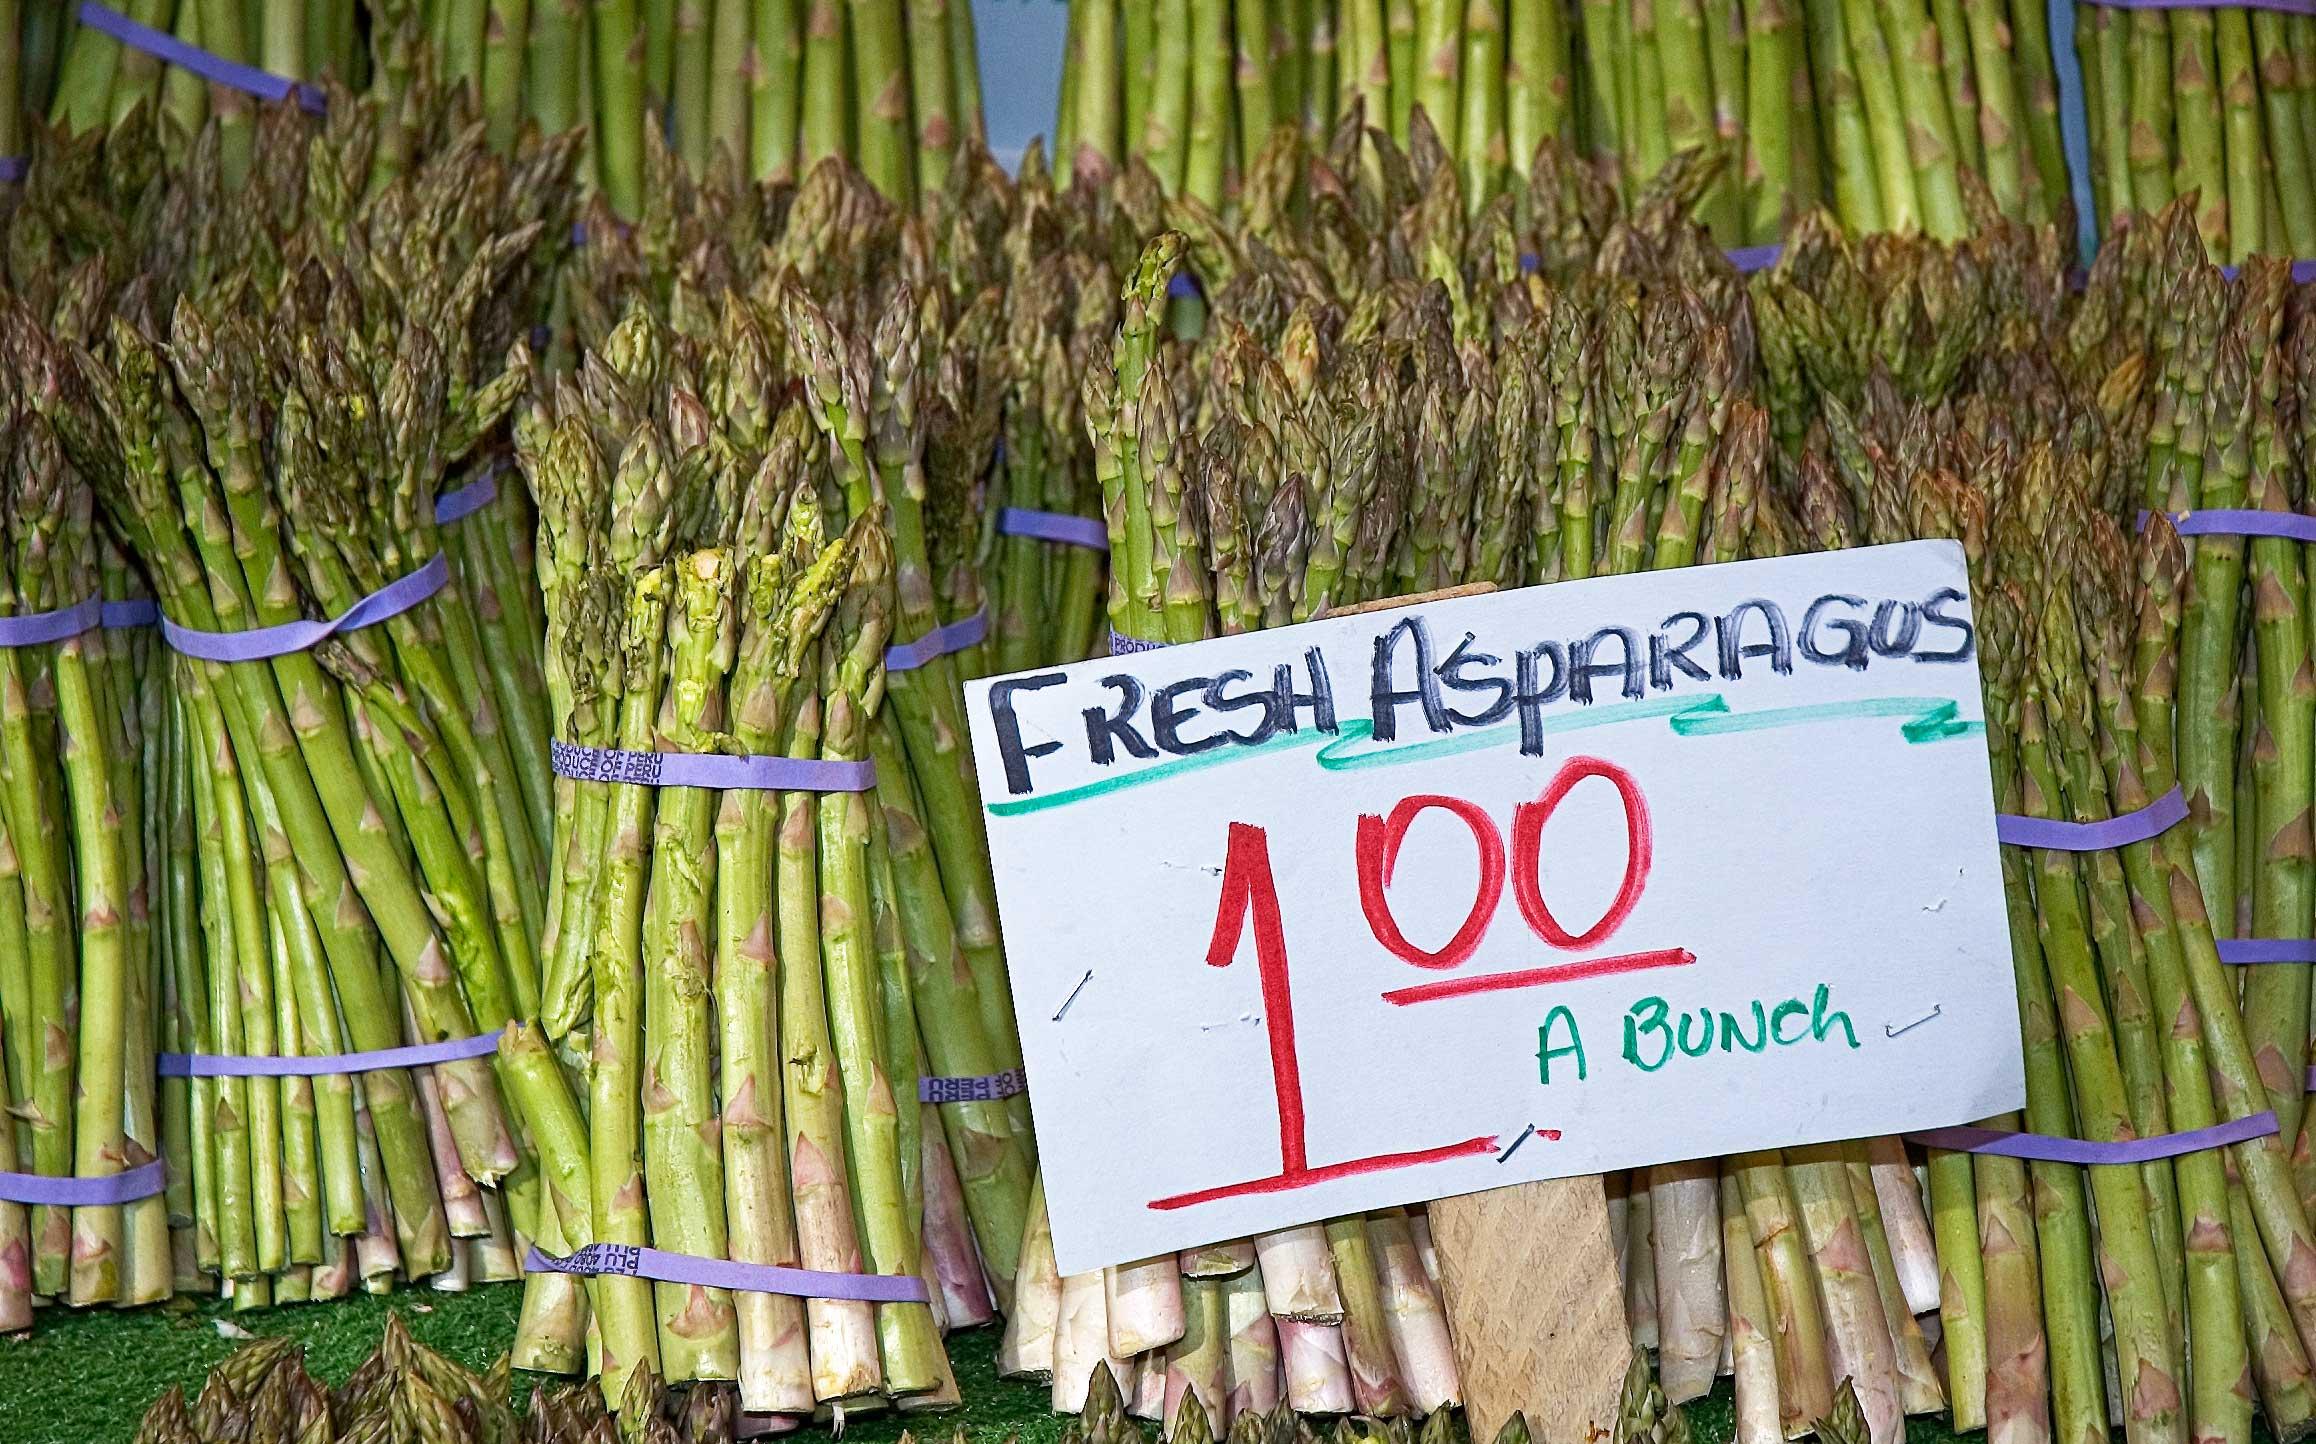 Fresh-Asparagas